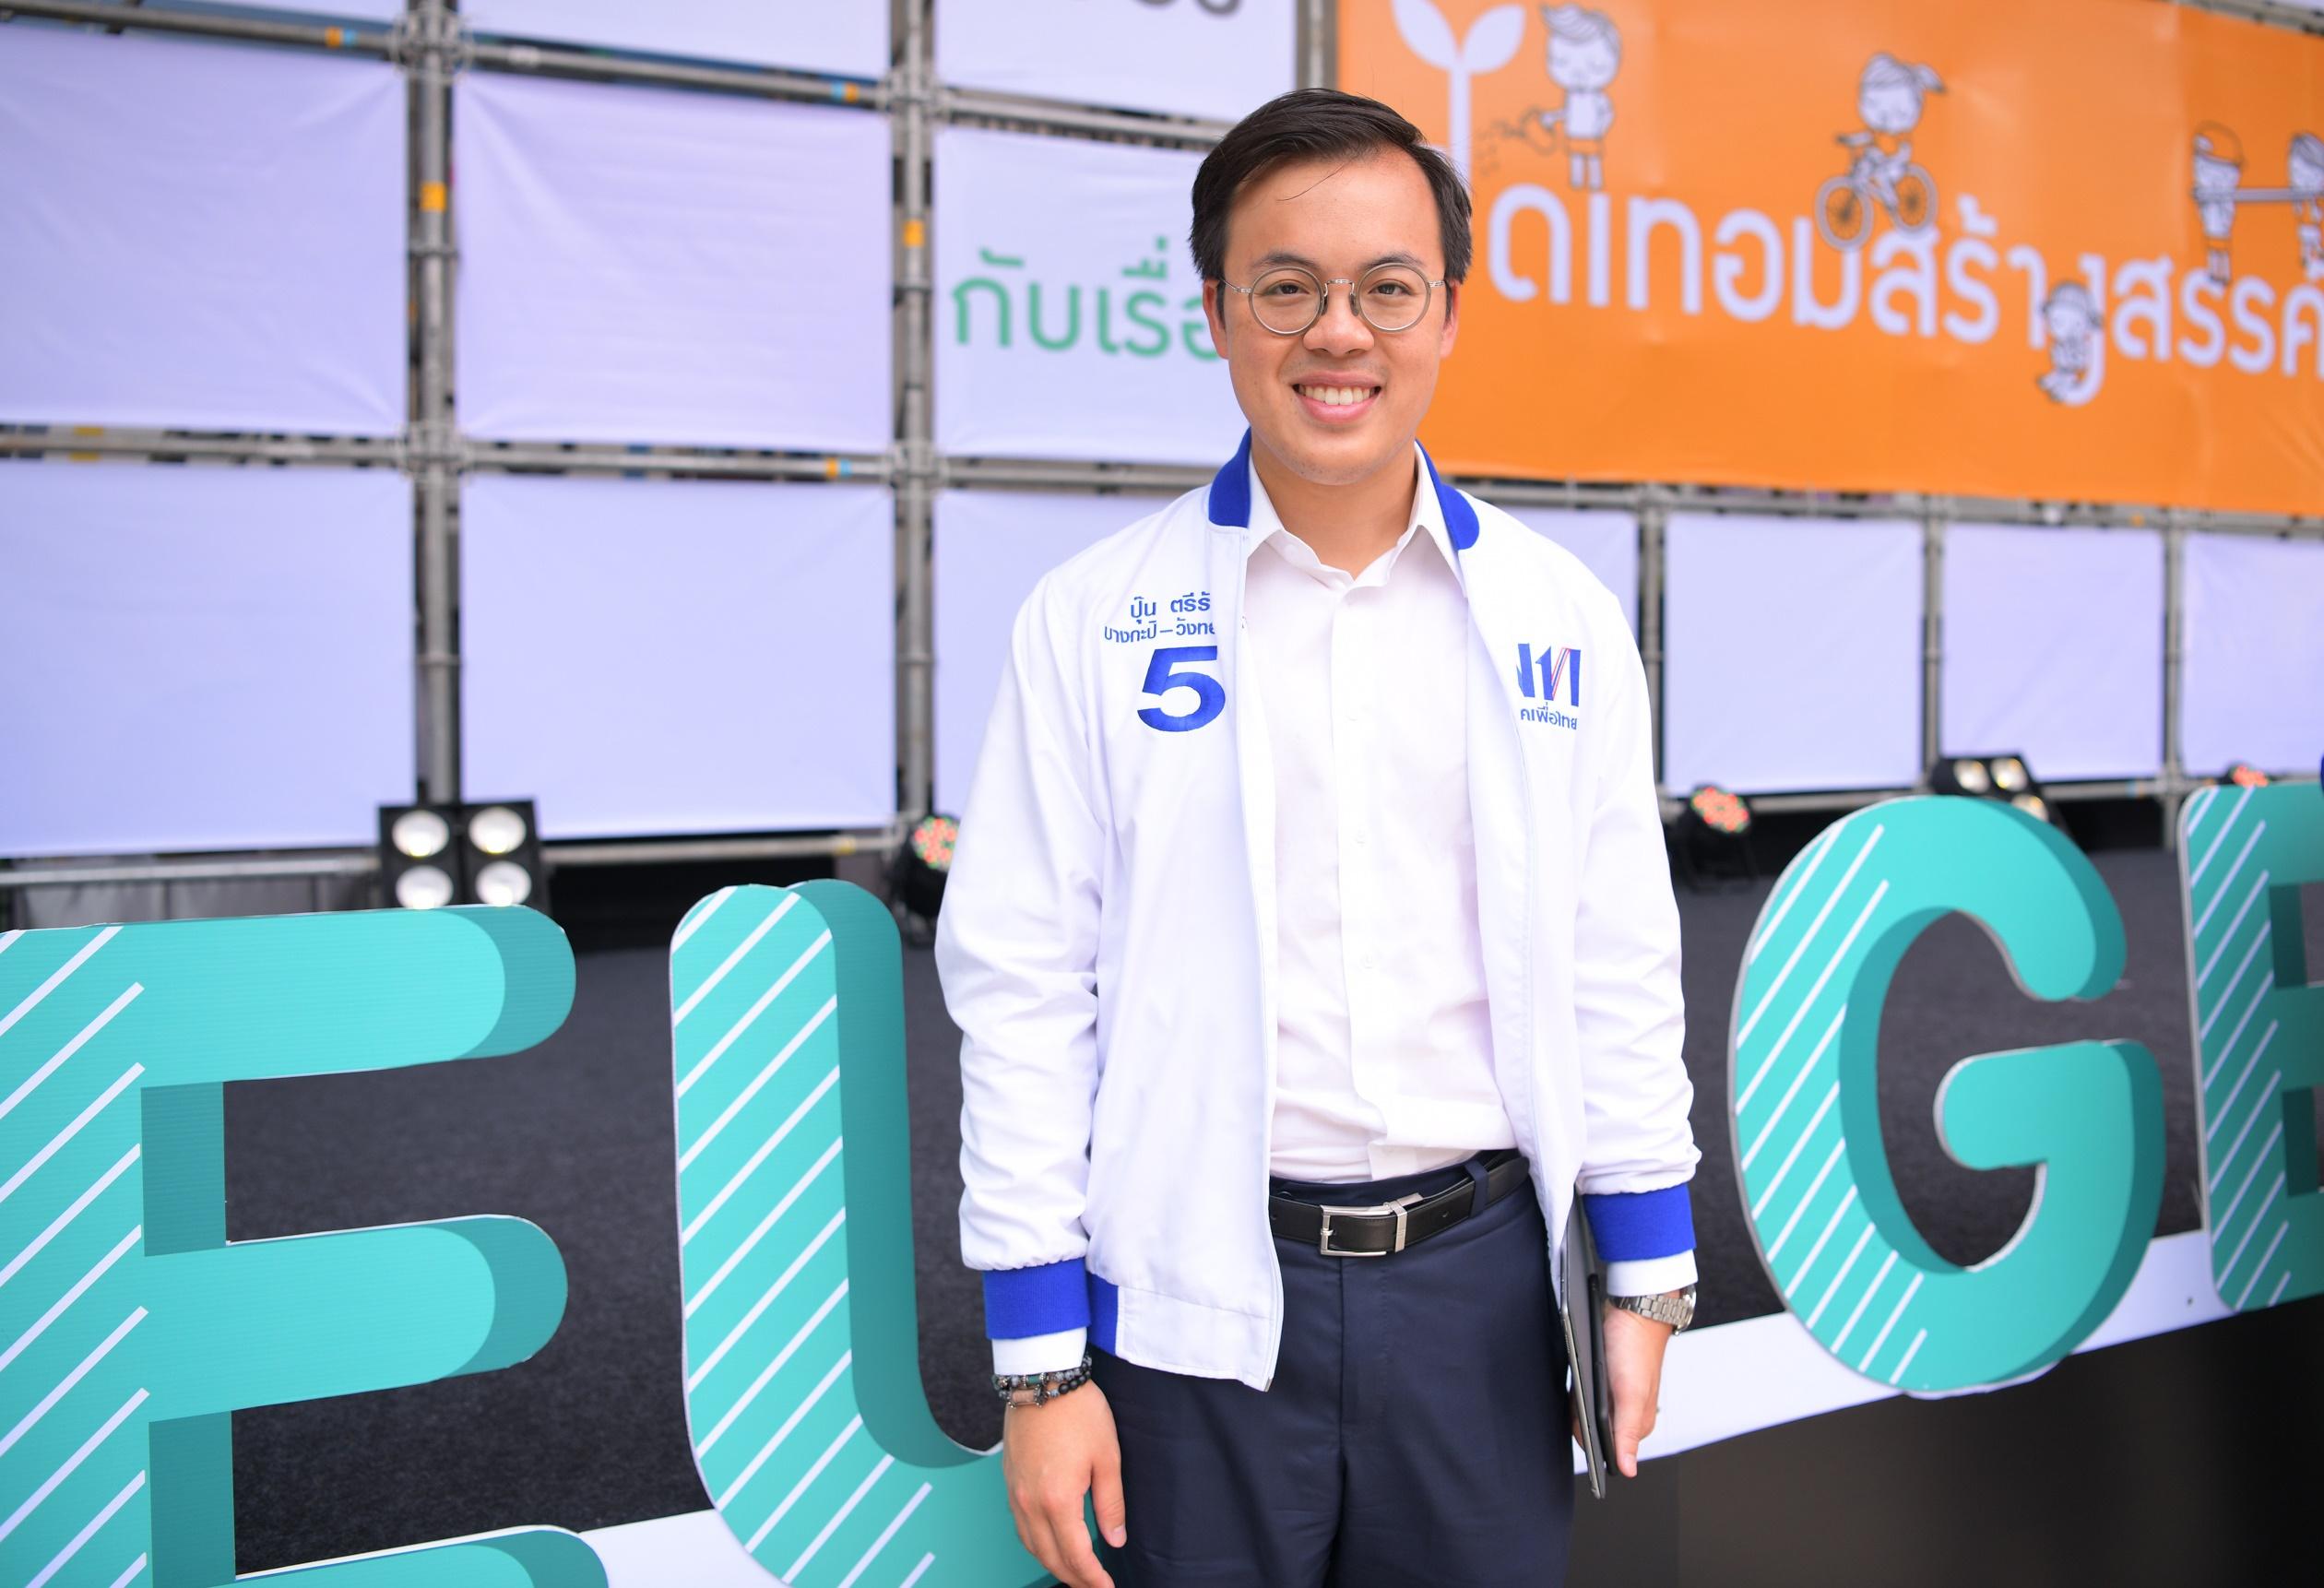 5 นักการเมืองรุ่นใหม่ ประชันนโยบายเด็กเยาวชน thaihealth